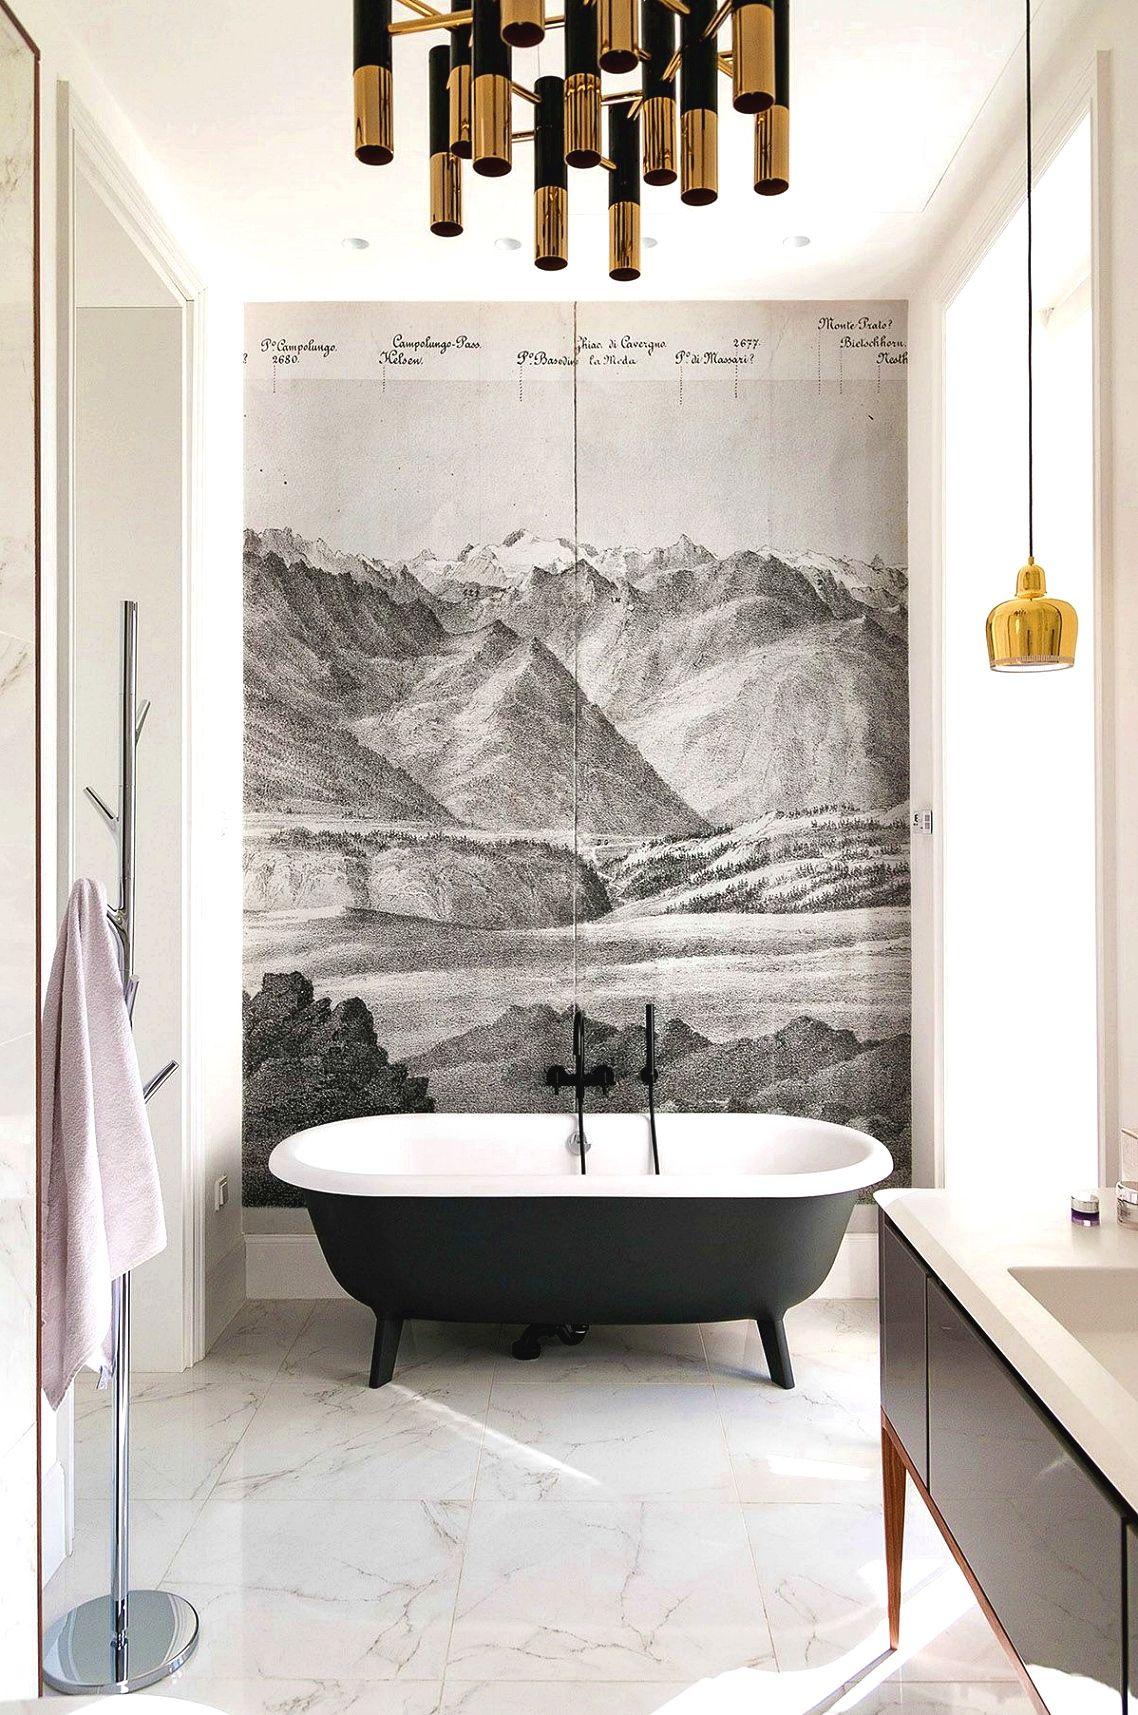 Bathroom Decor Diy Hacks Wallpaper 50 Of Your Room Redecorating Walls May Cost Lots Of Money Or El Unique Bathroom Bathroom Inspiration Beautiful Bathrooms